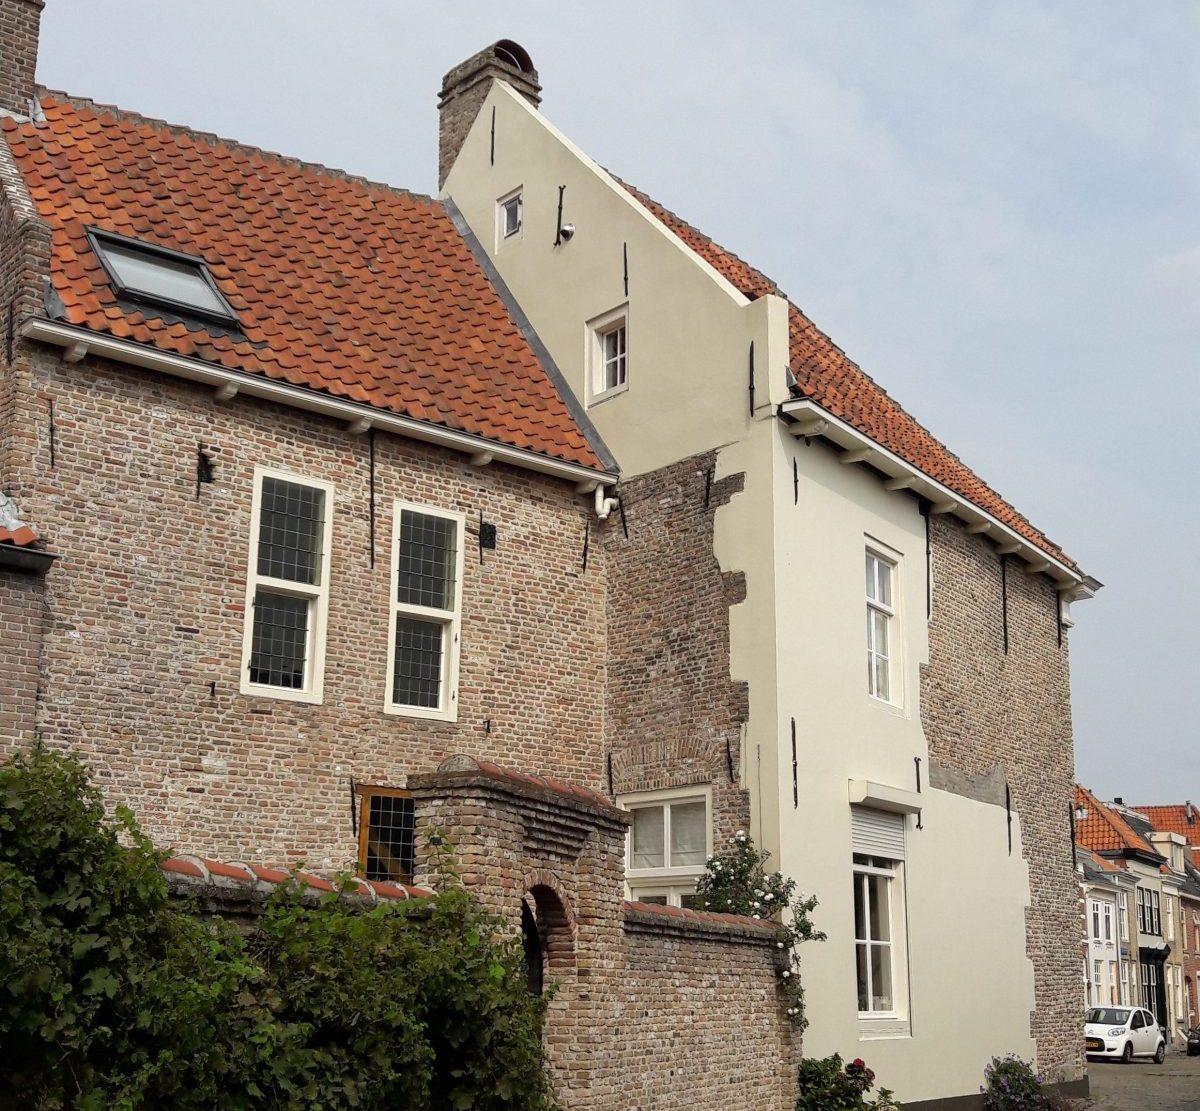 dubbelstraat-uniek-gebouw